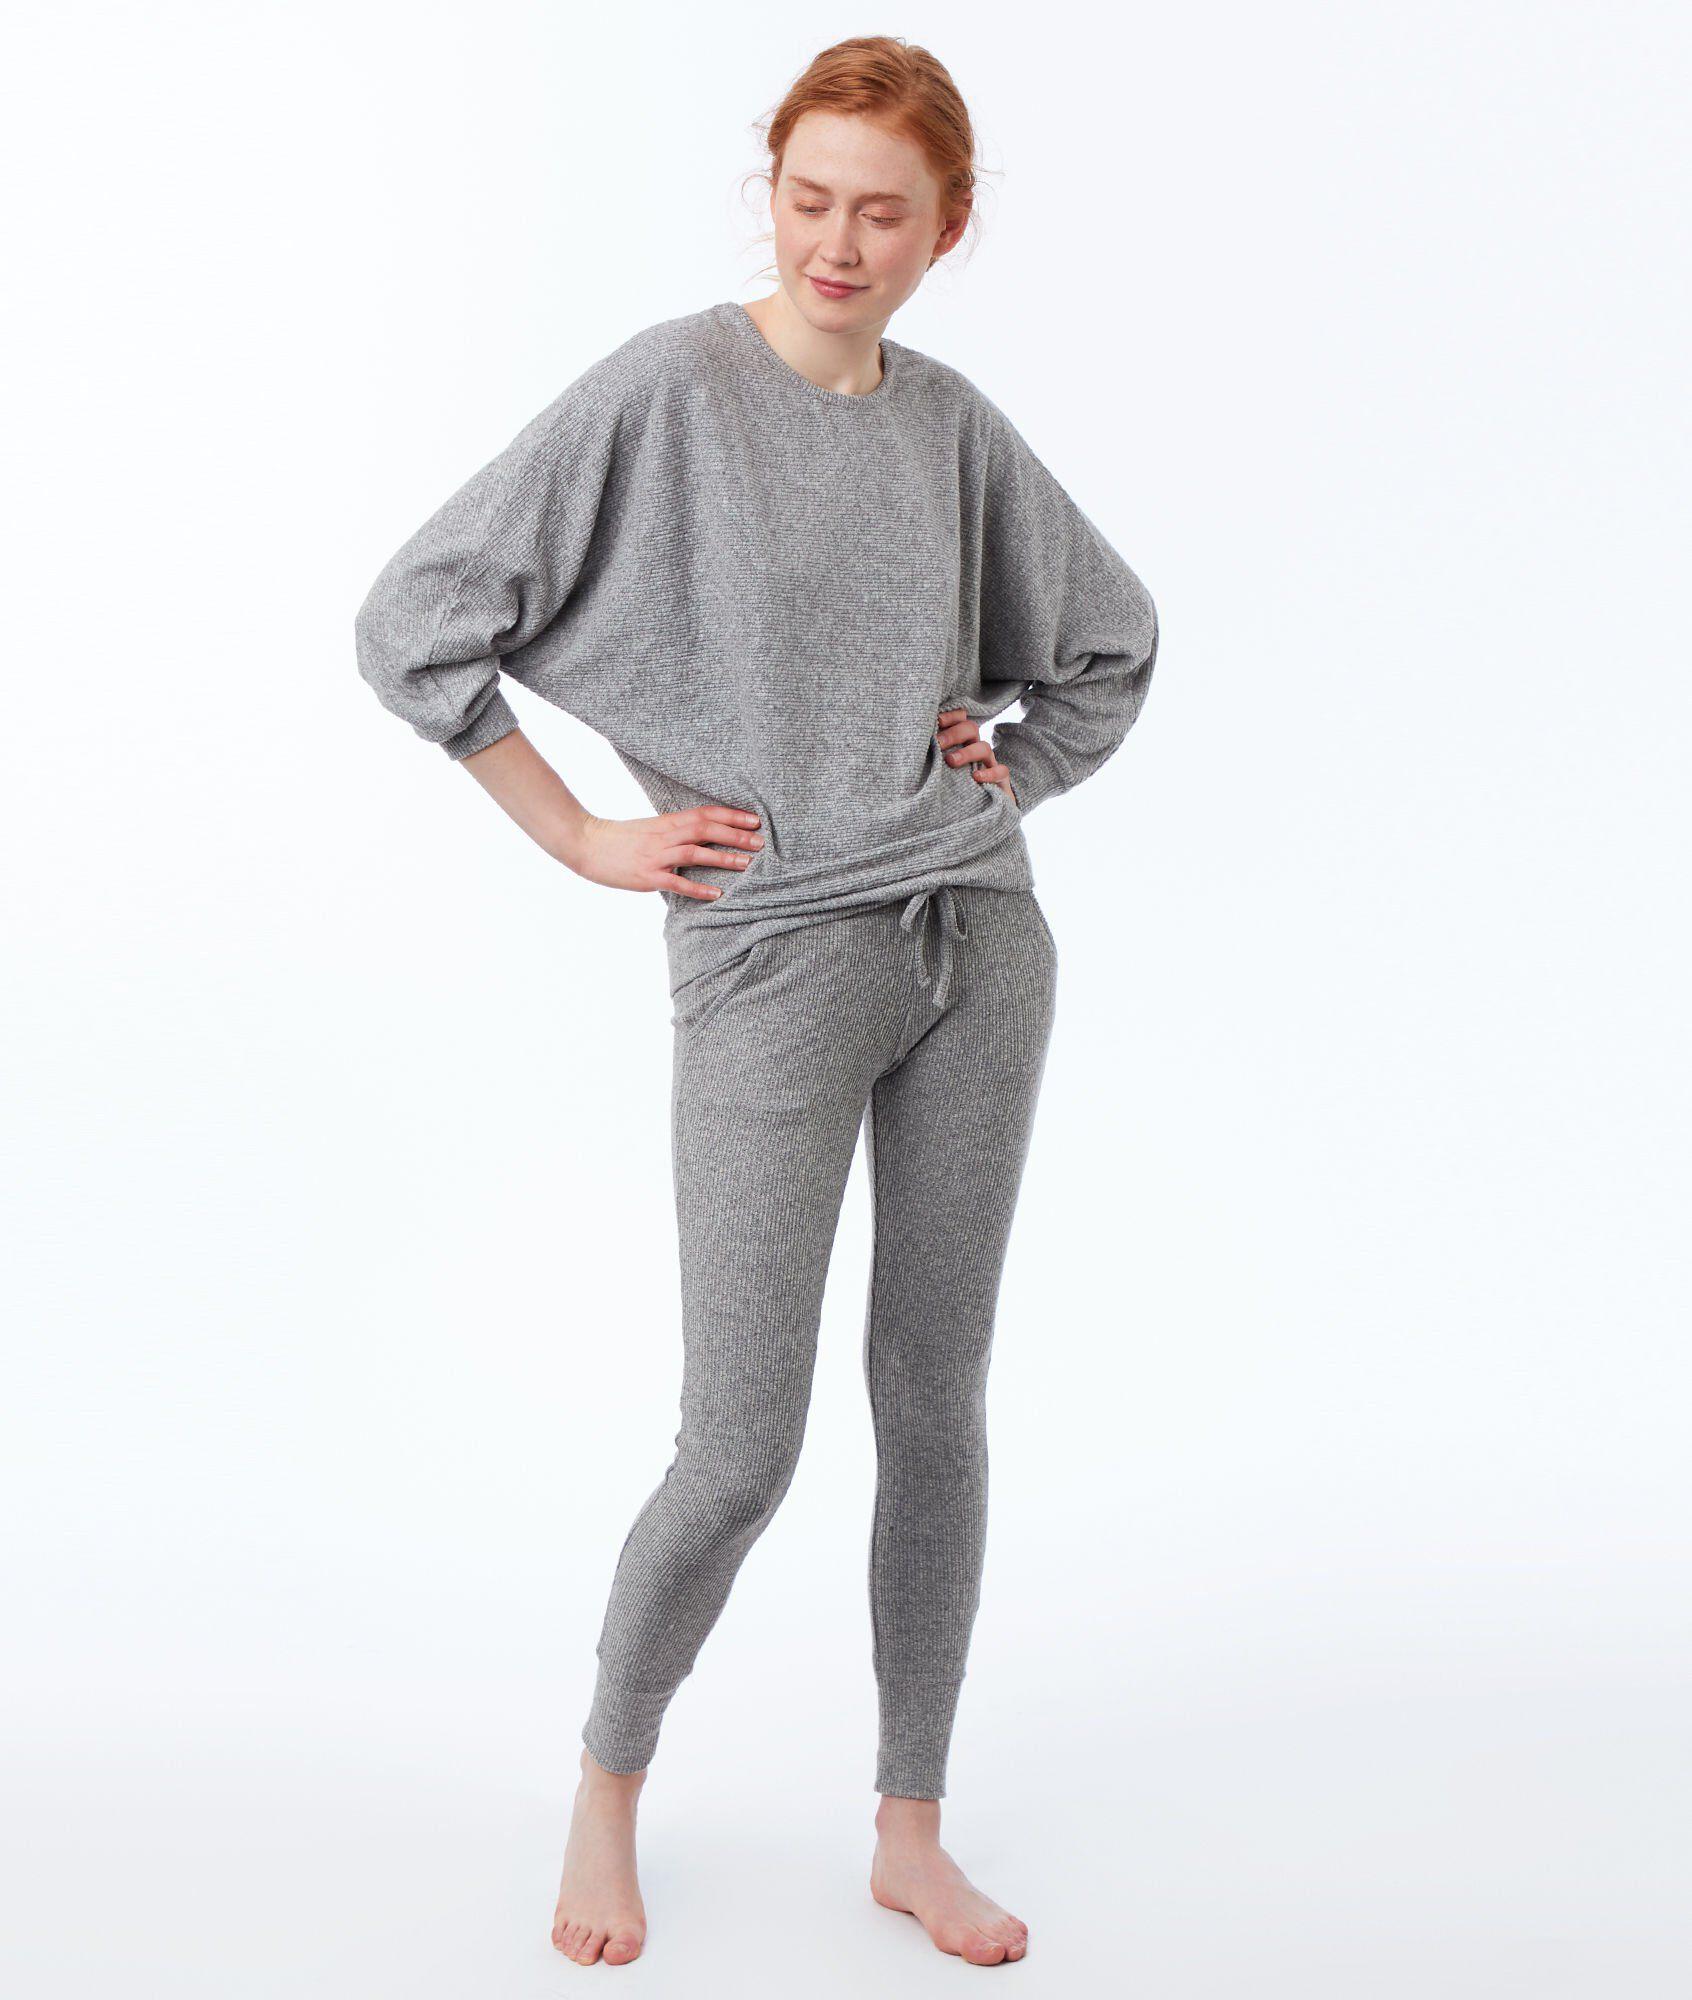 c7504ca115 Pantalón leggings suave relieve - BLOOM - C.GRIS - Etam